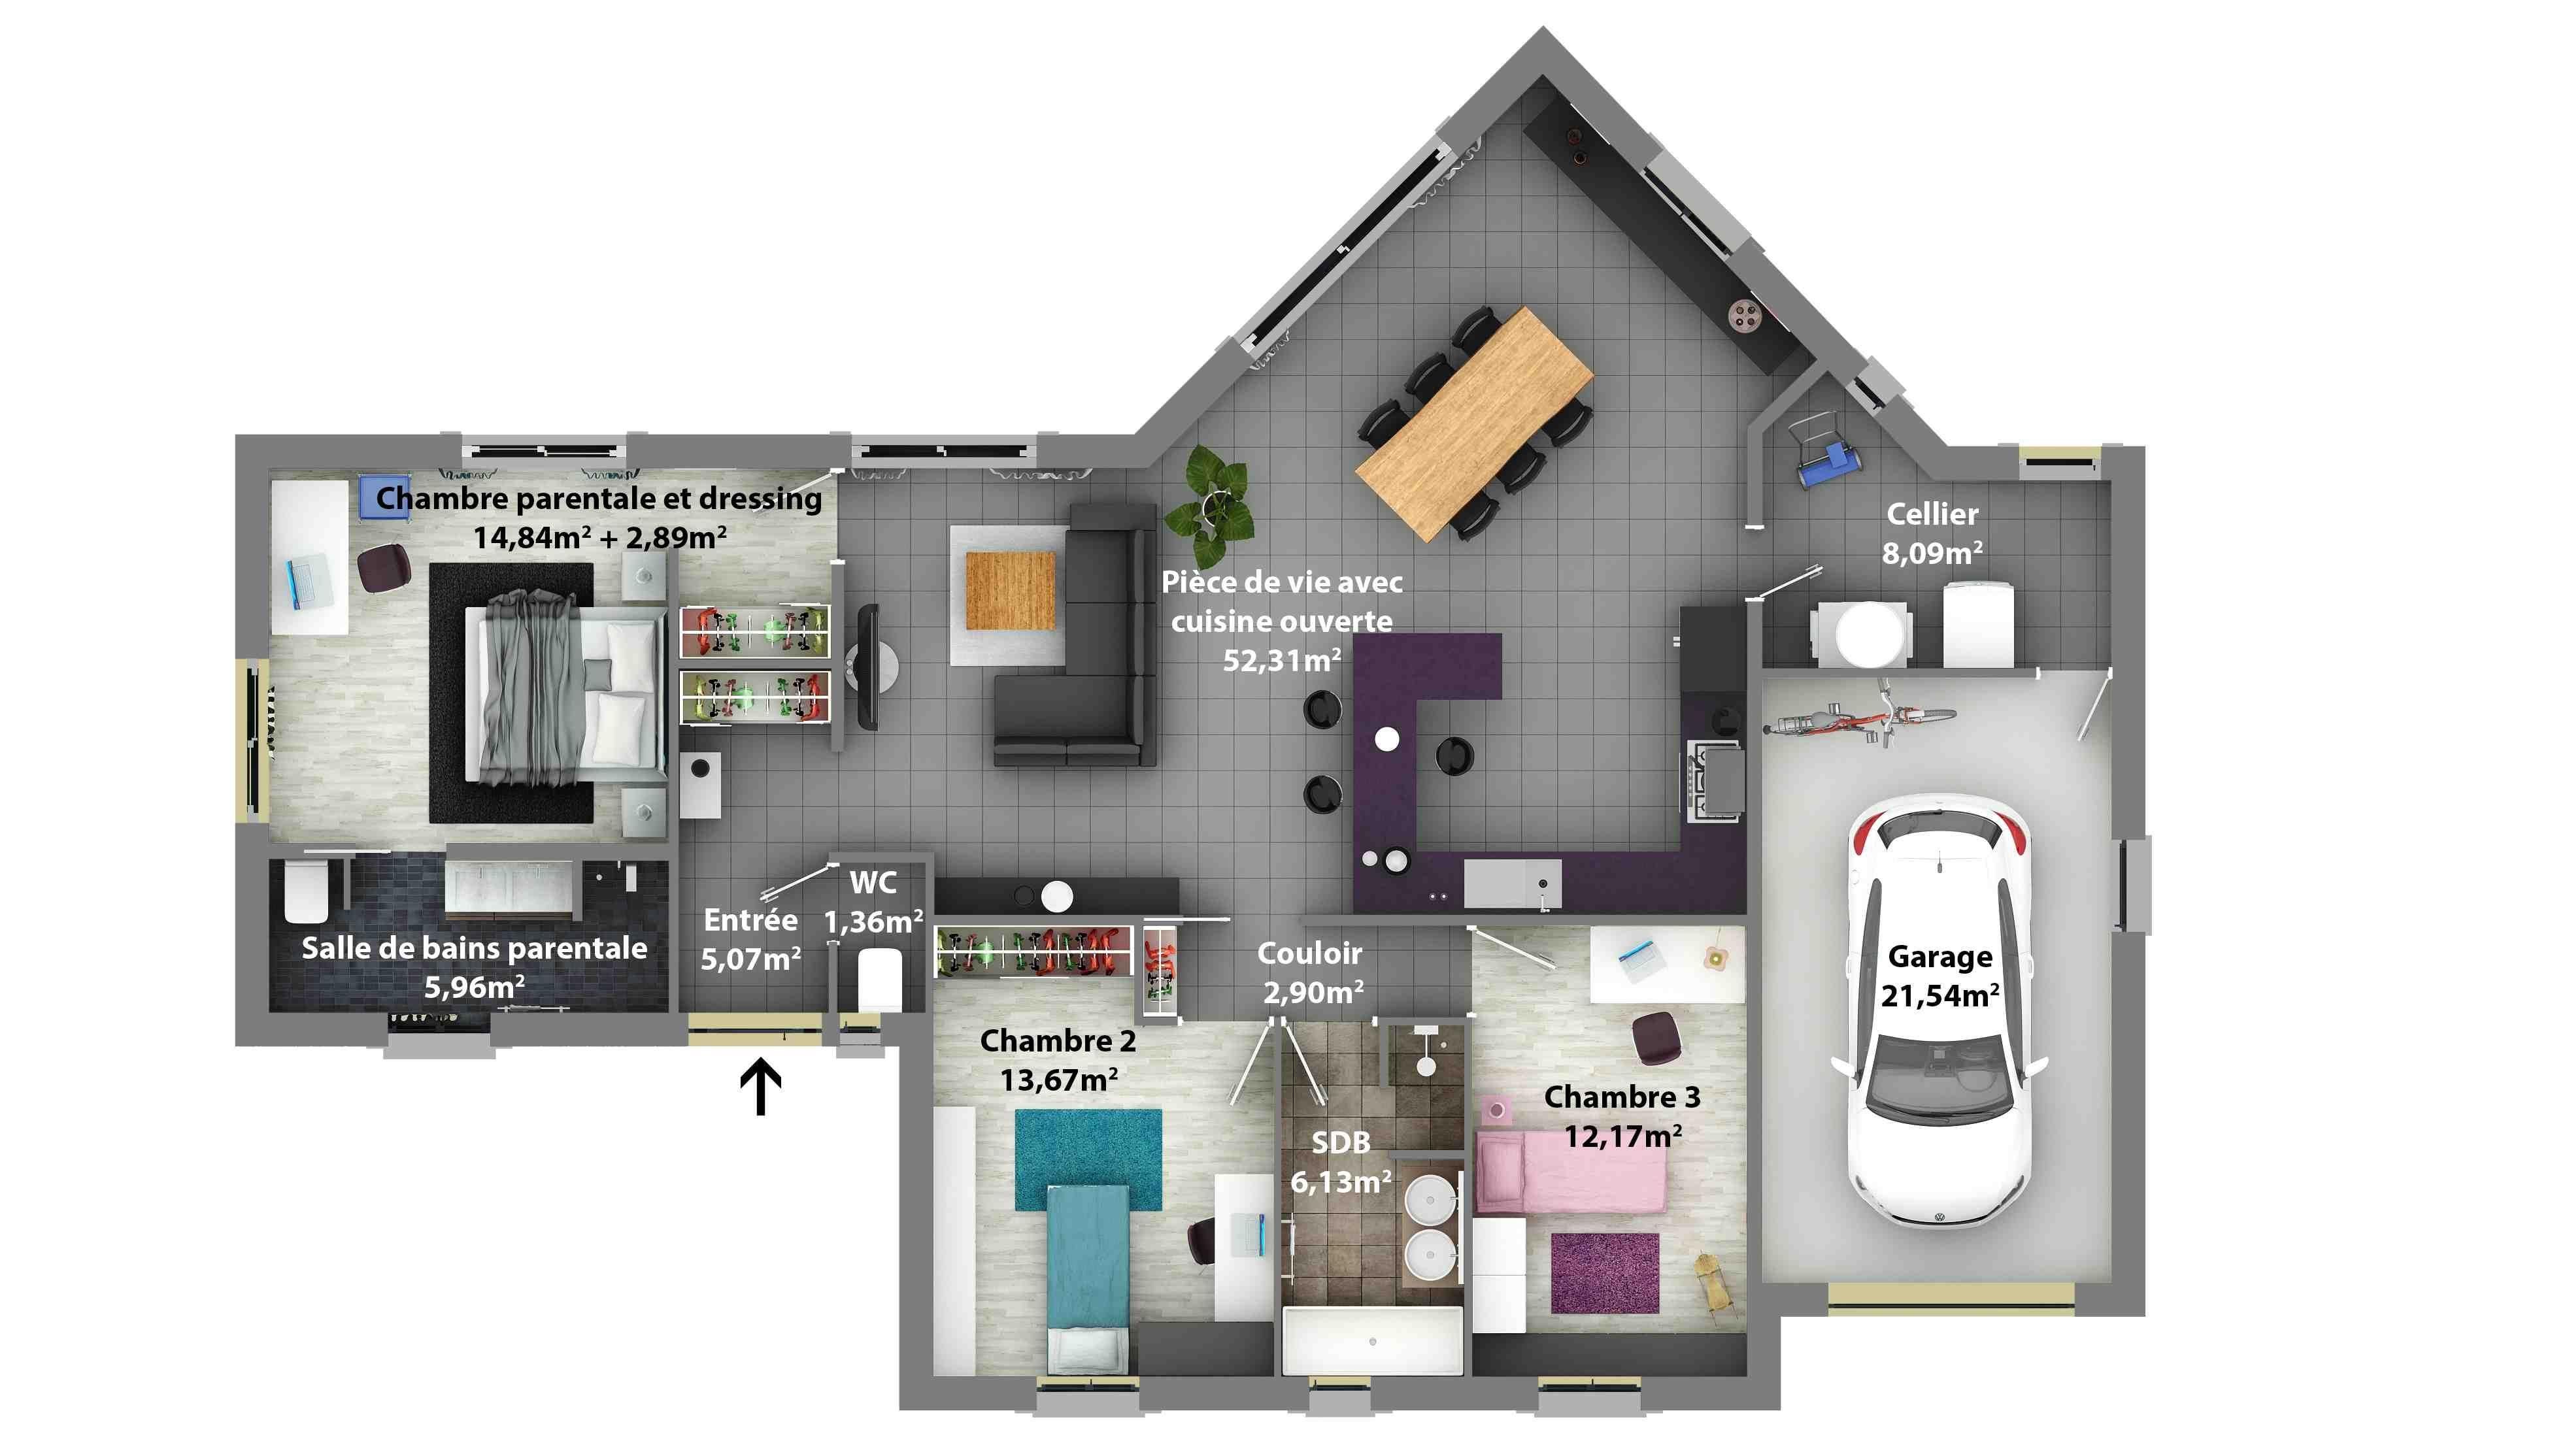 plan de maison excellence plain pied 2 chbres. Black Bedroom Furniture Sets. Home Design Ideas